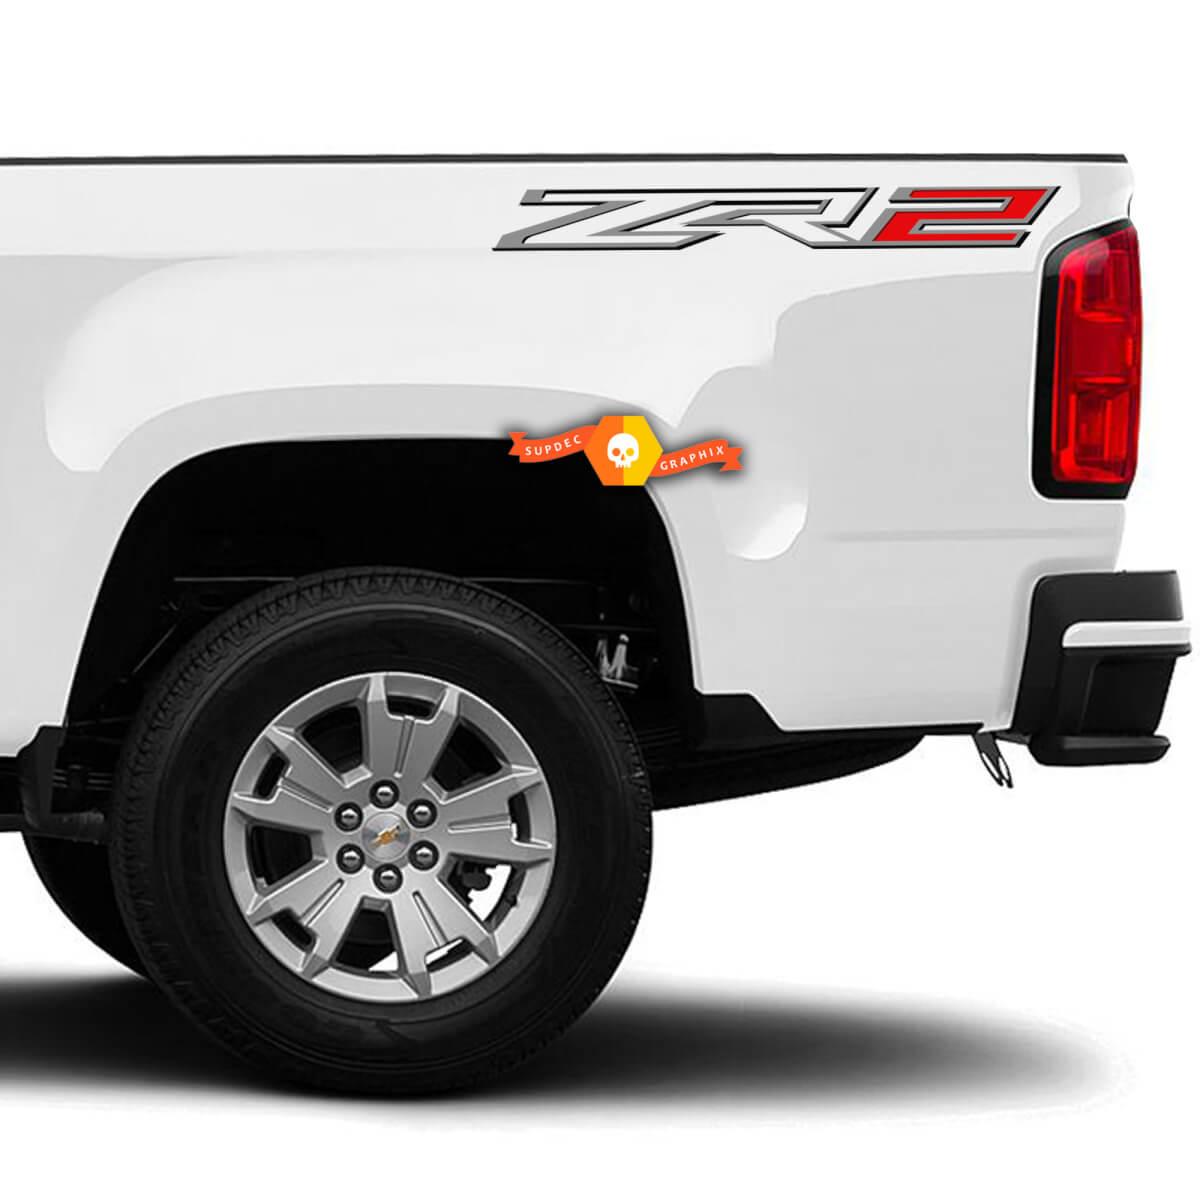 GROSSE Chevy Colorado ZR2 Bed Side Abzeichen Aufkleber (2er Set)